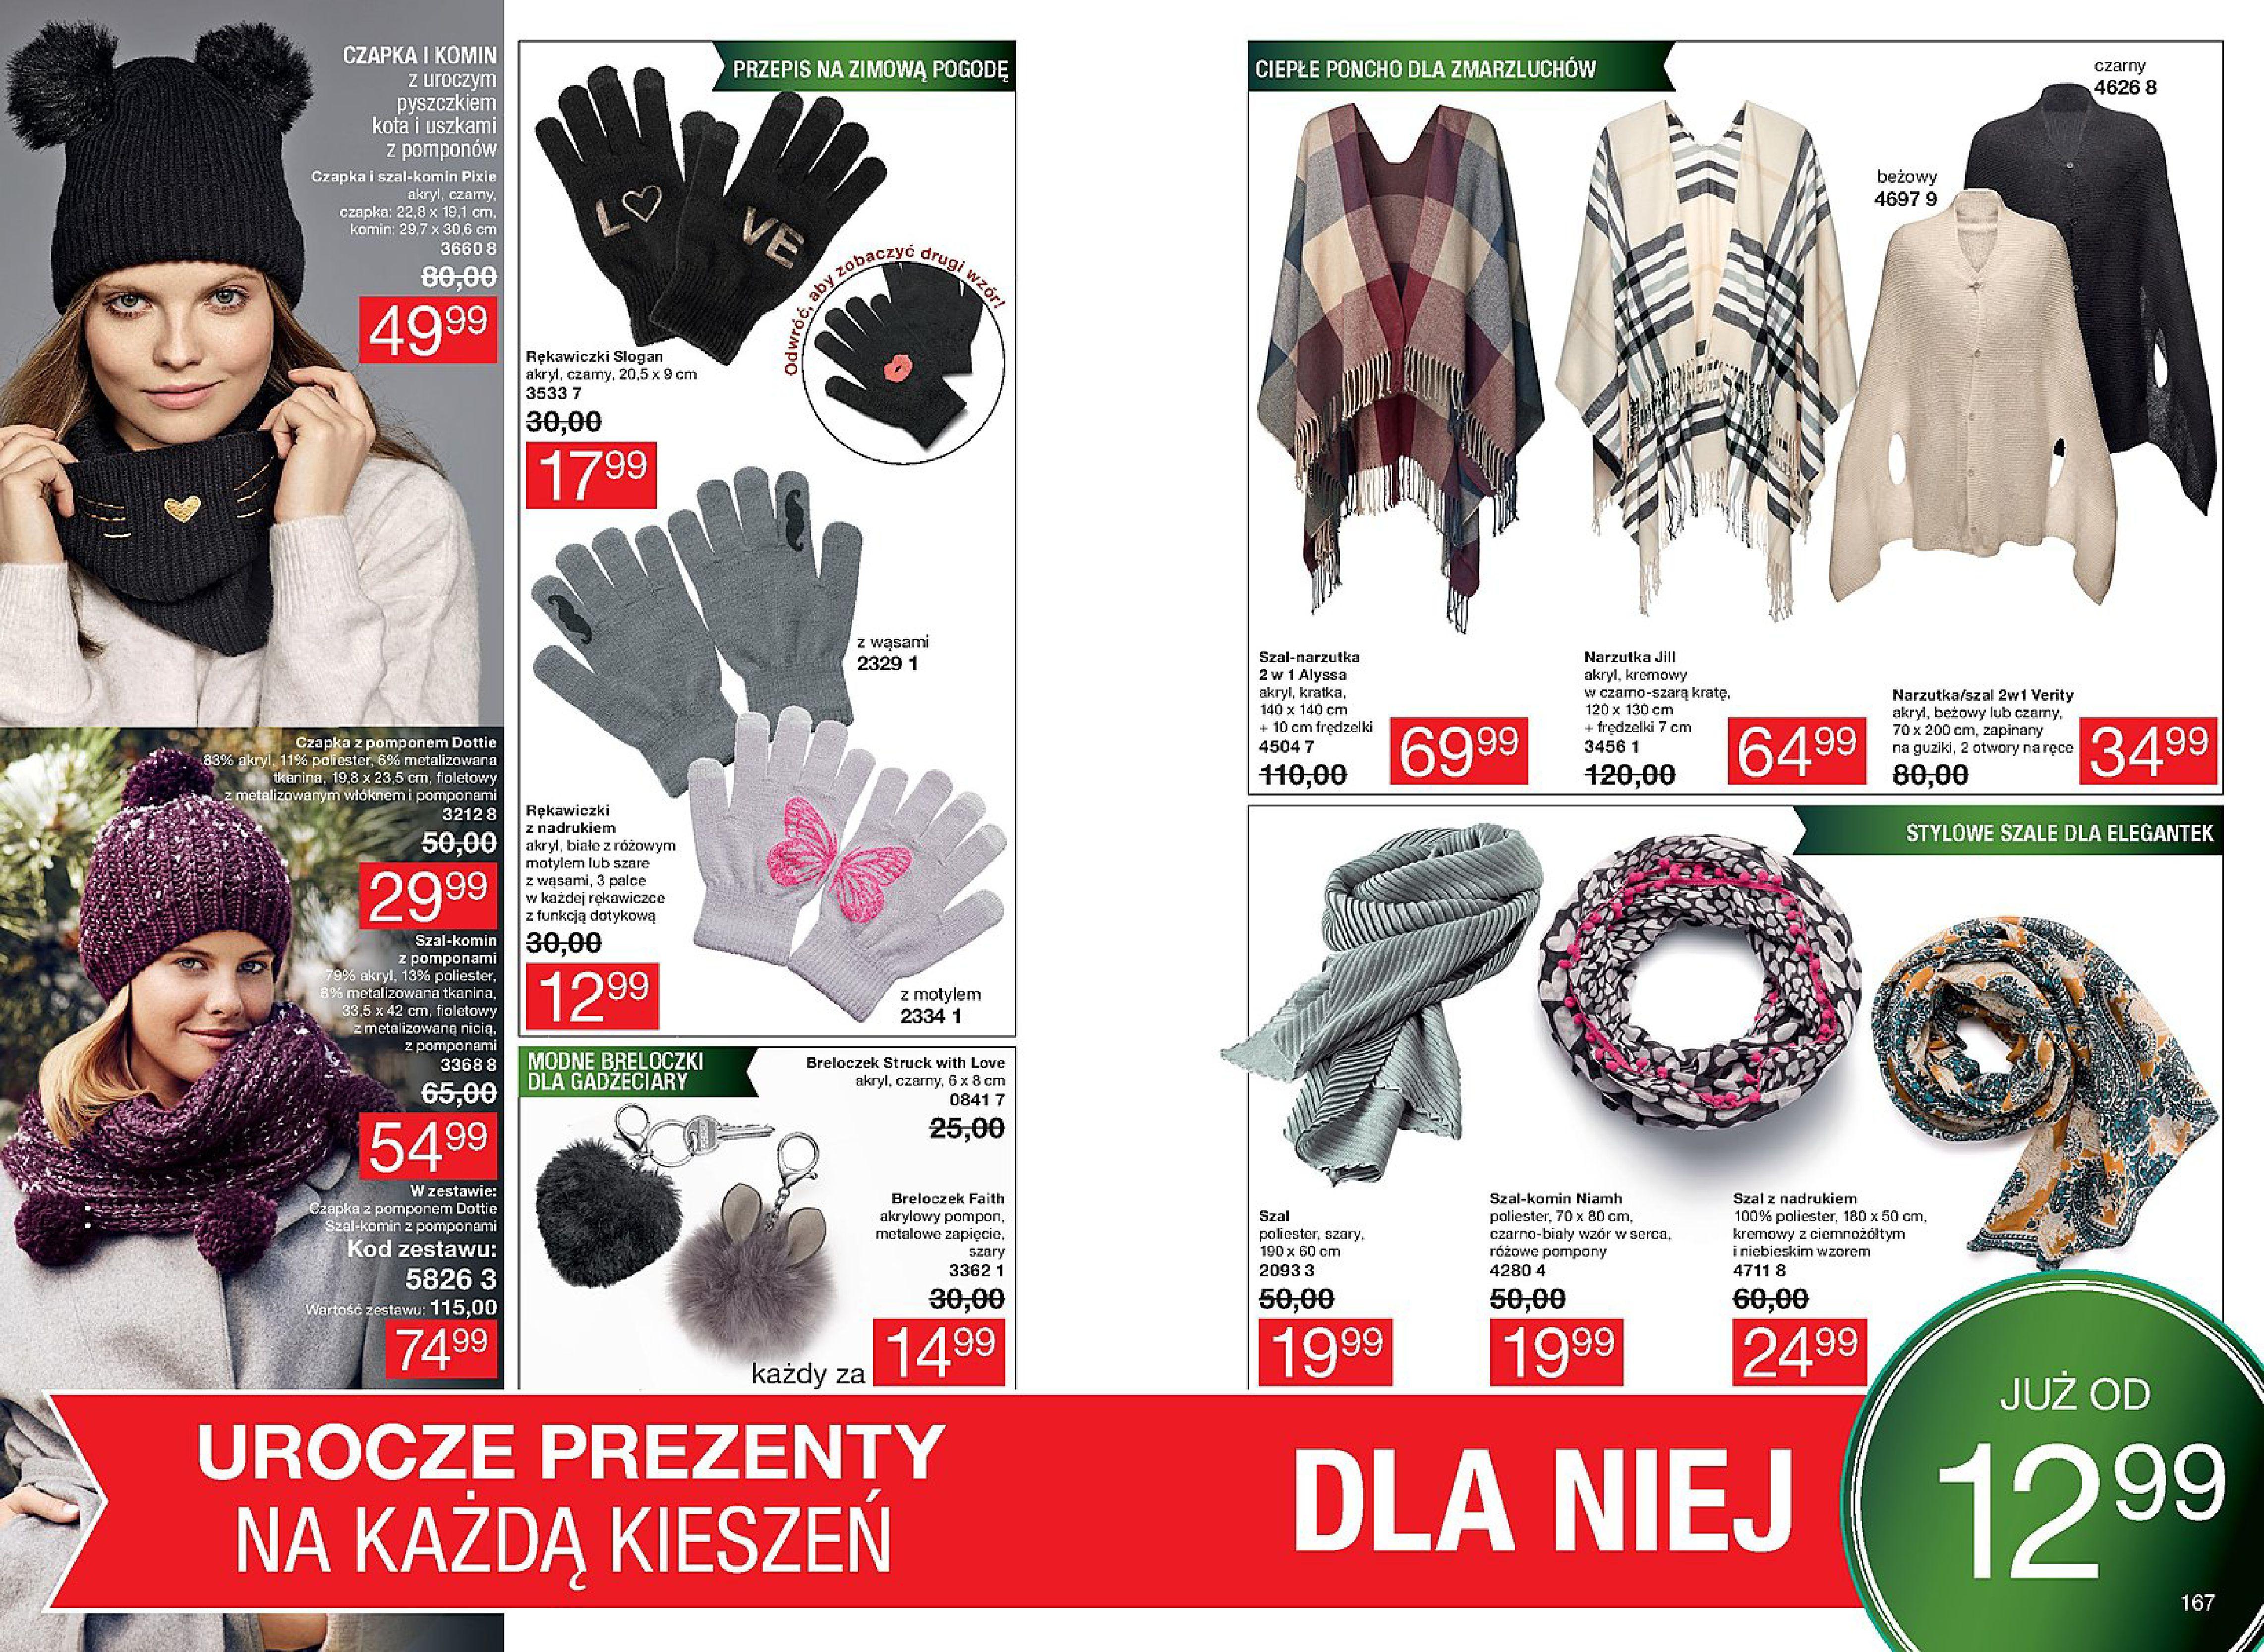 Gazetka Avon - Katalog 17/2017 Gwiazdka-29.11.2017-27.12.2017-page-84